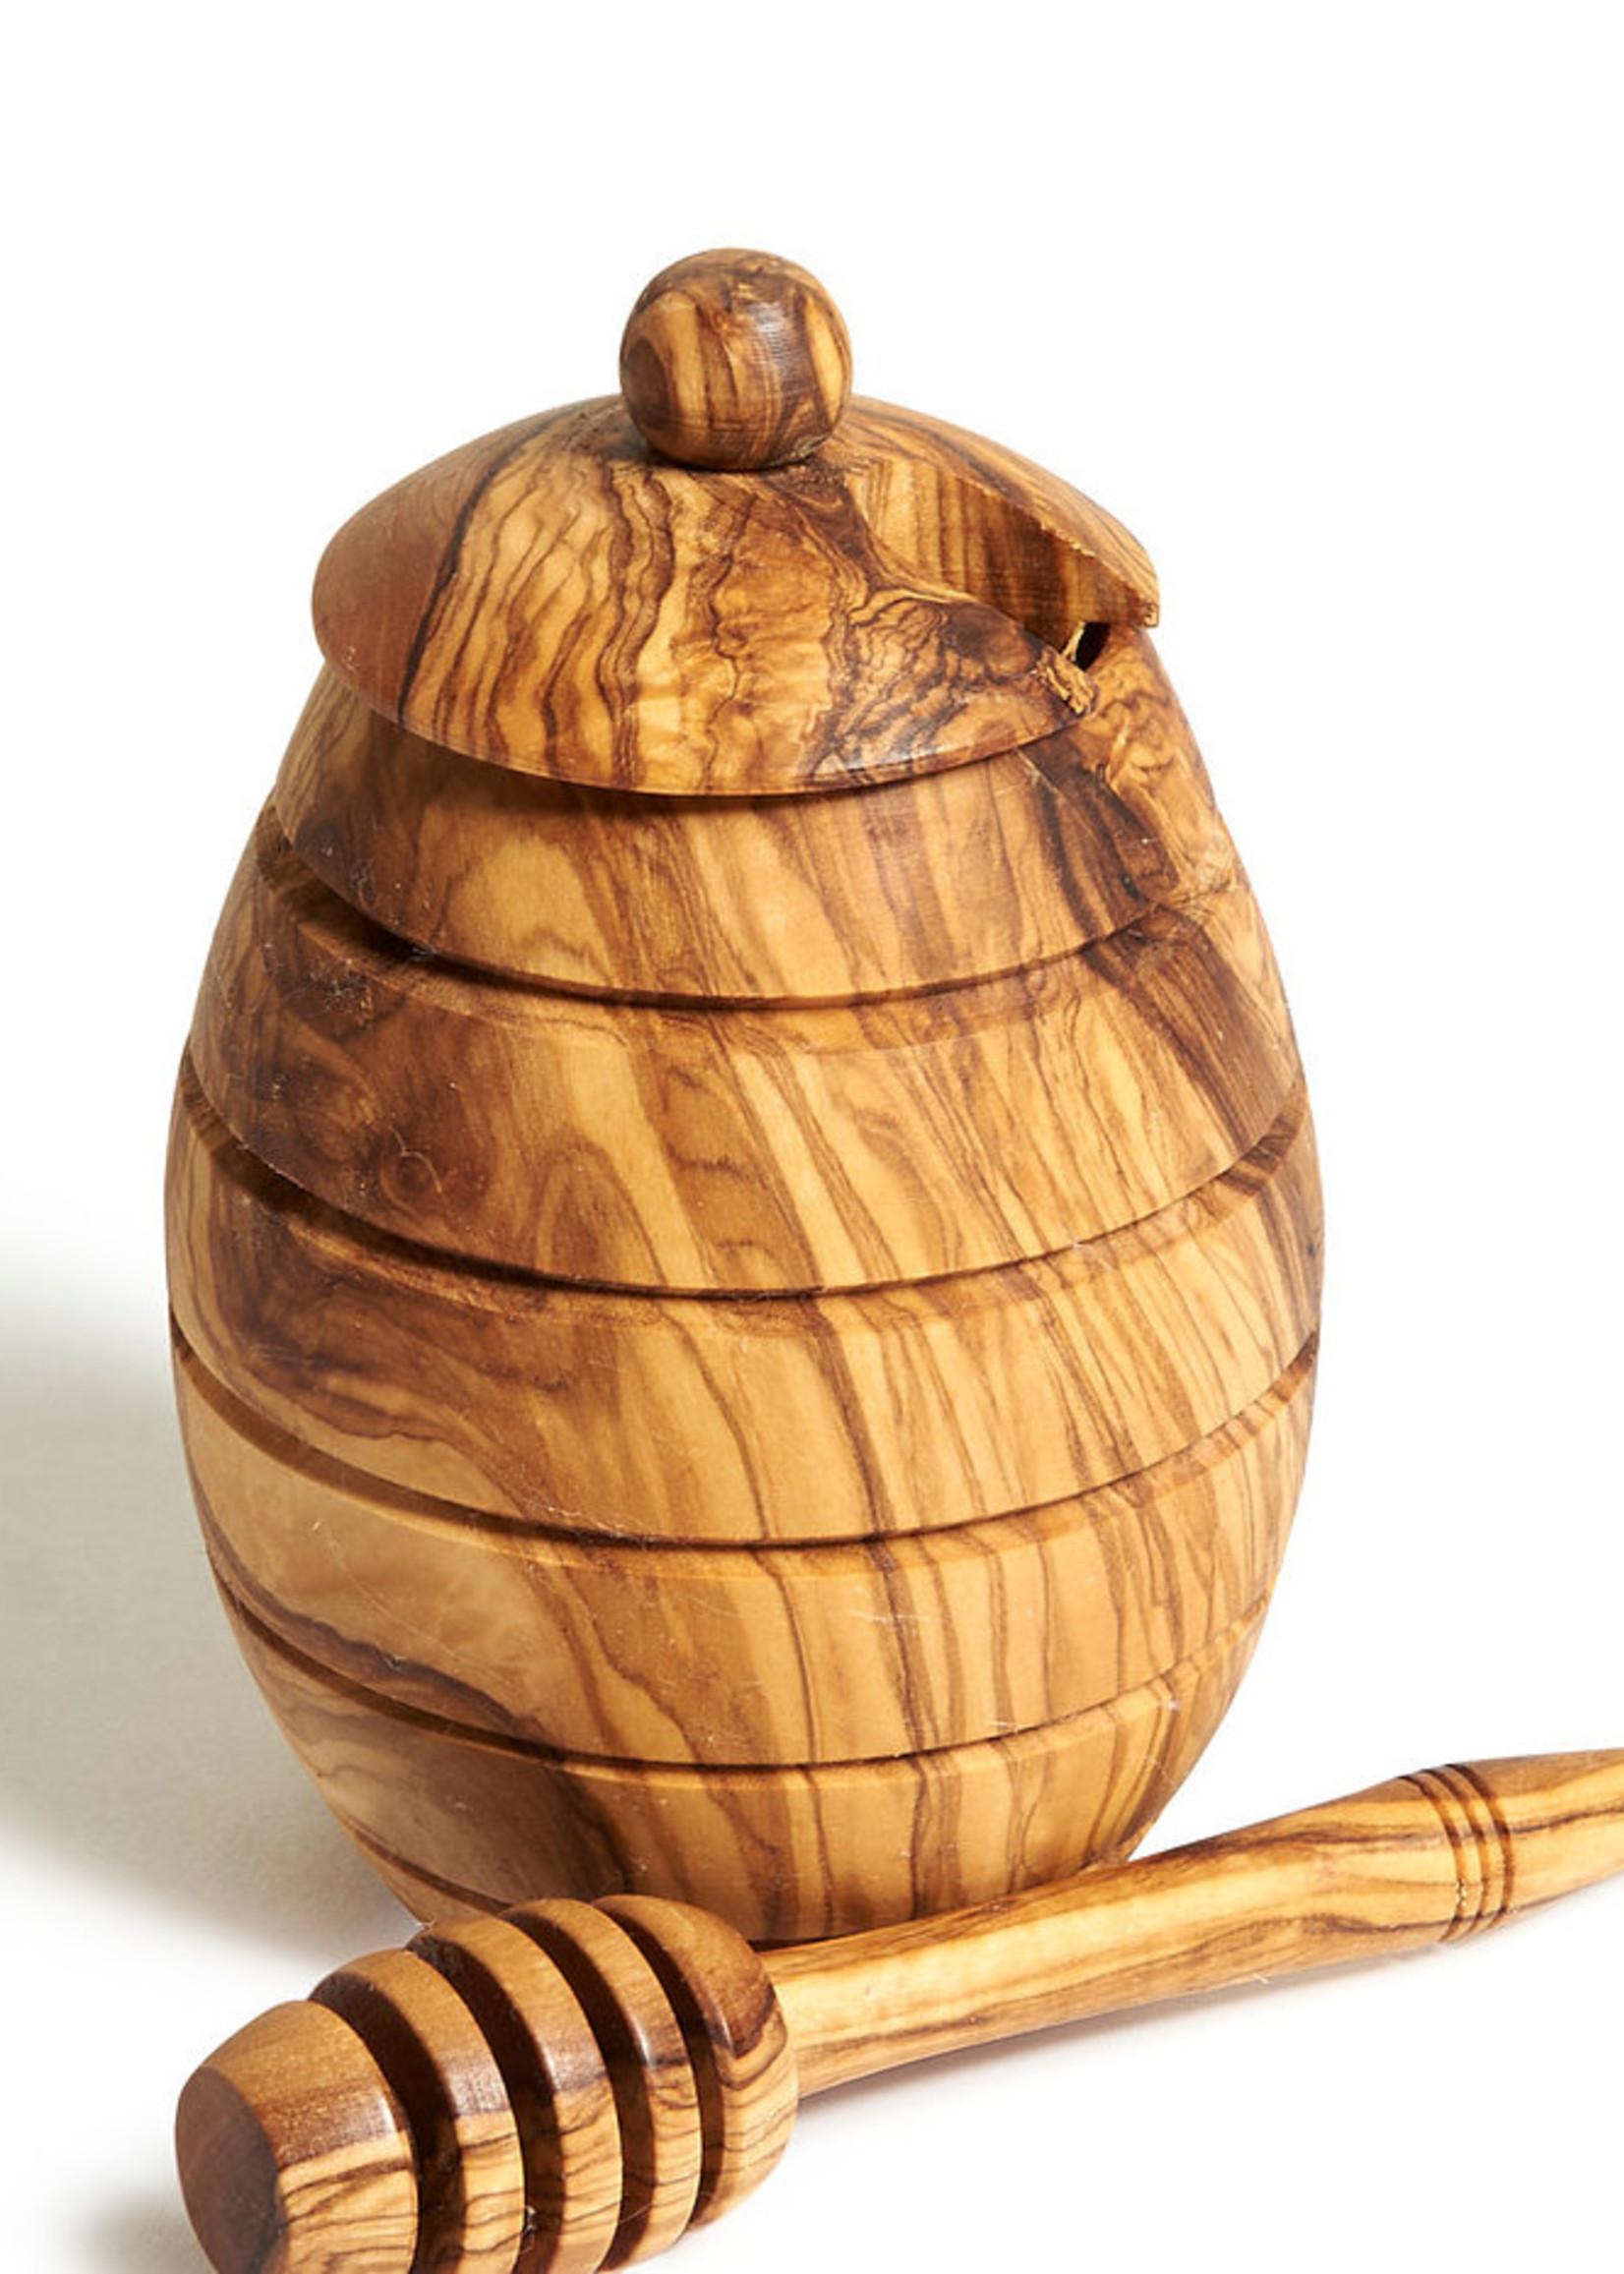 Natural OliveWood Natural OliveWood Honey Jar